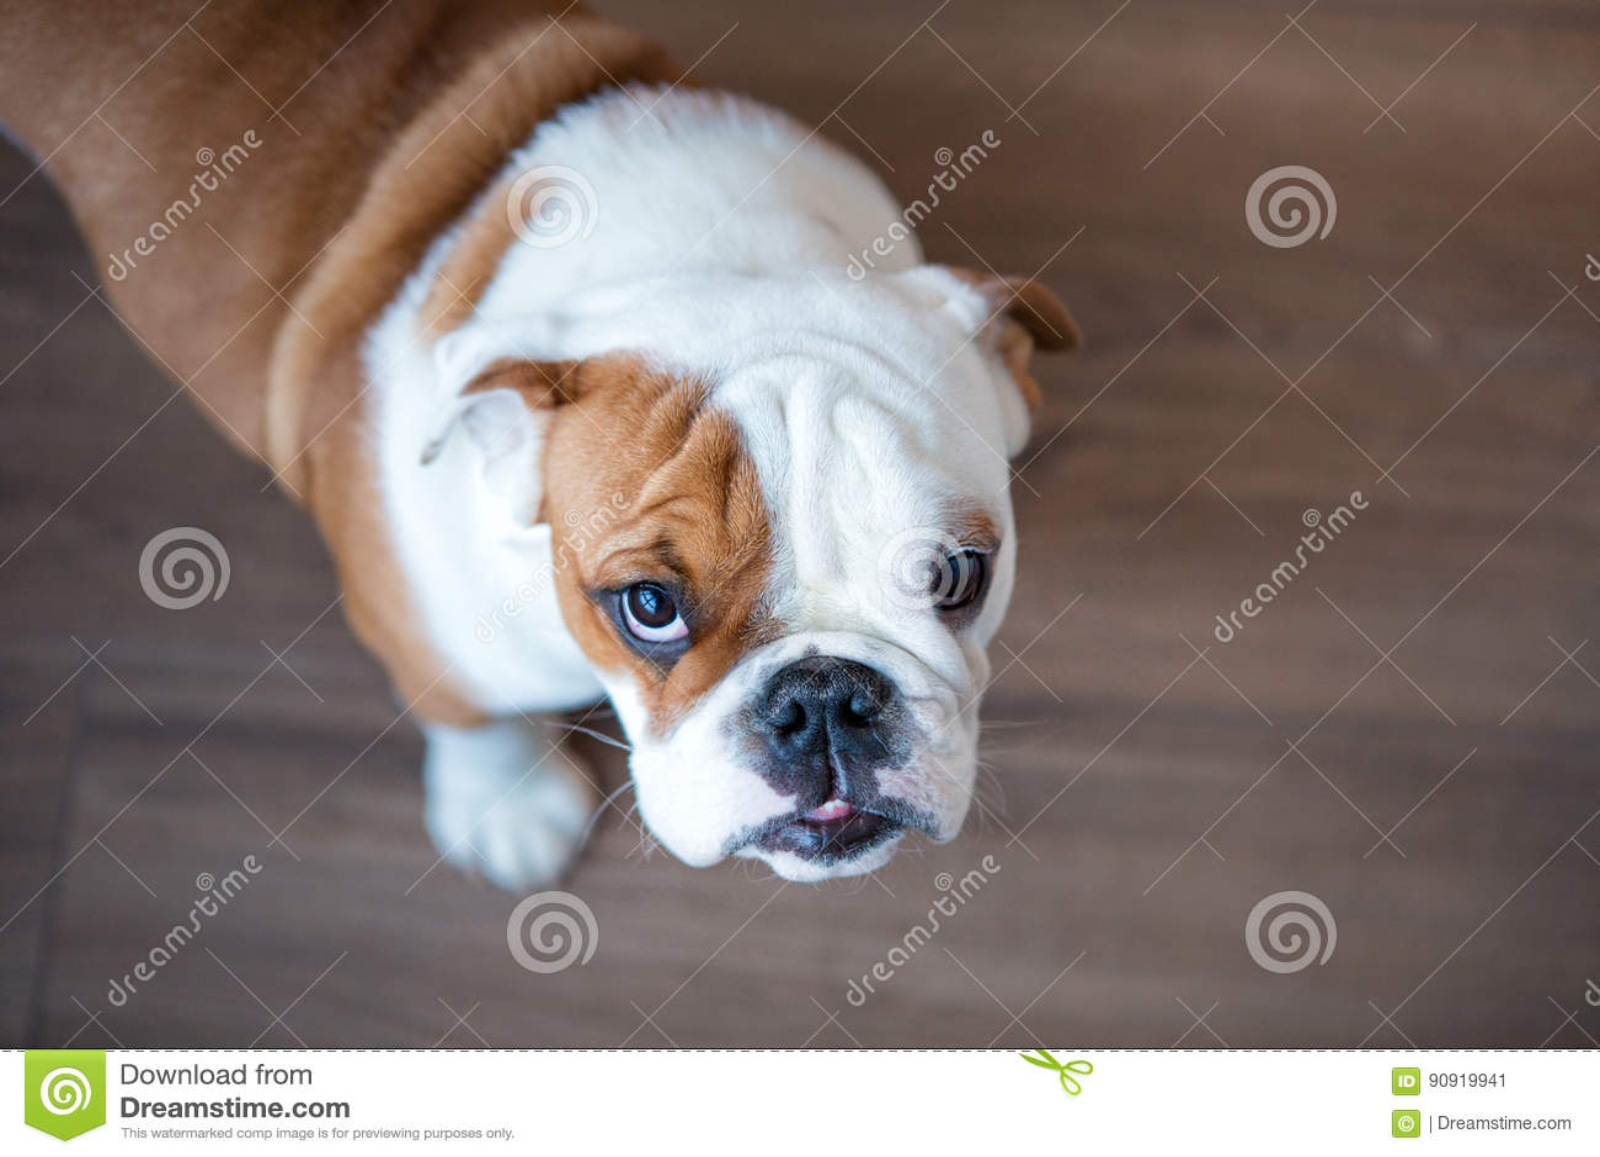 English Bulldog In Stylish Home Enjoying Life Stock Image - Image of coffee. expression: 90919941